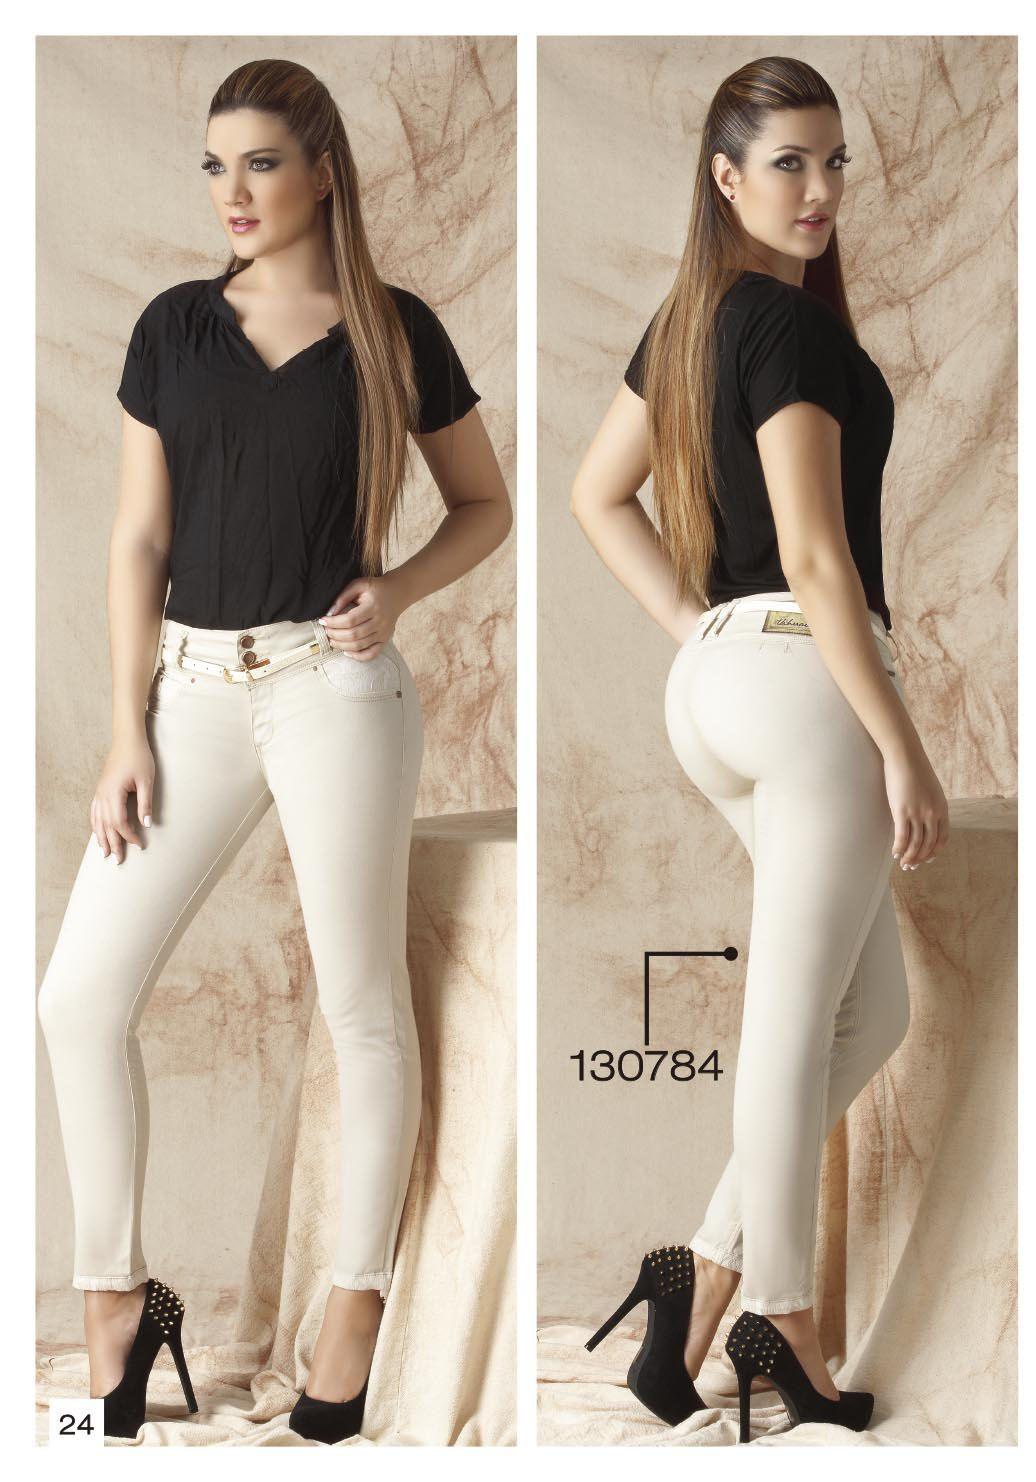 Pin En Coleccion Mujer Fin De Ano 2013 Moda Y Fashion